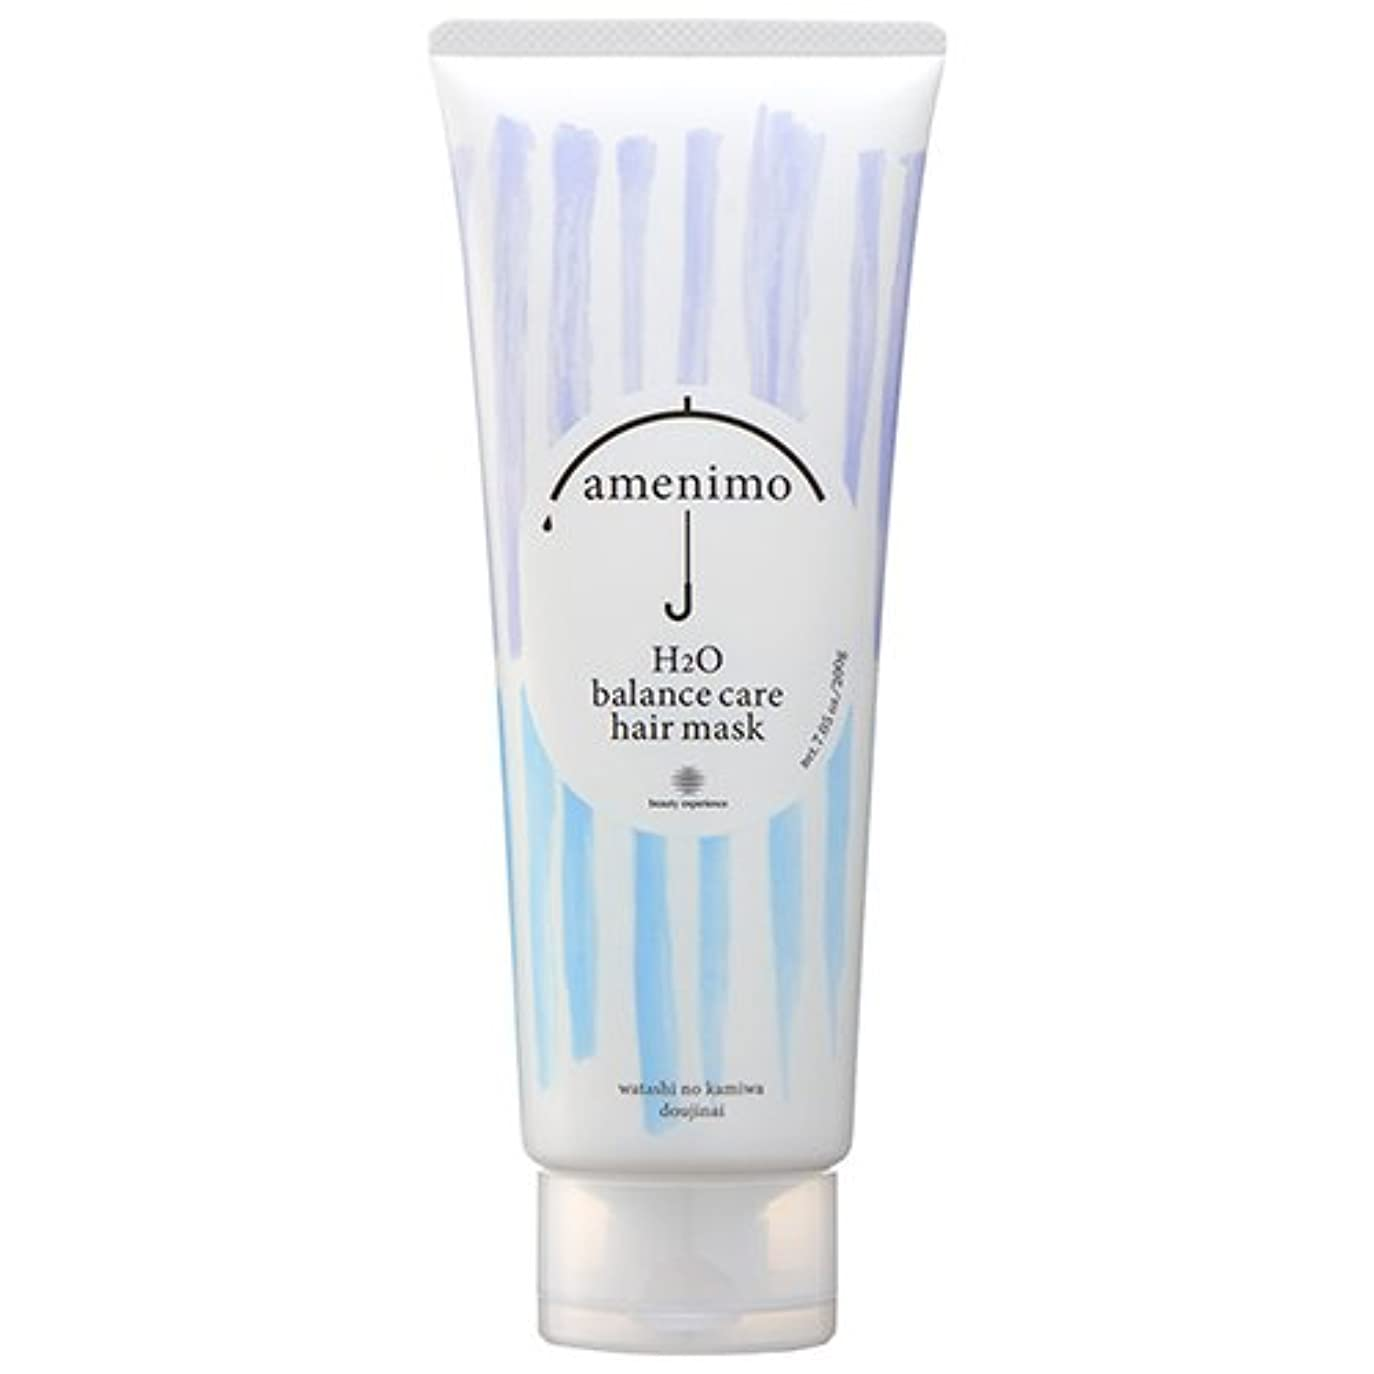 知り合いになる回る無法者amenimo(アメニモ) H2O バランスケア ヘアマスク 200g